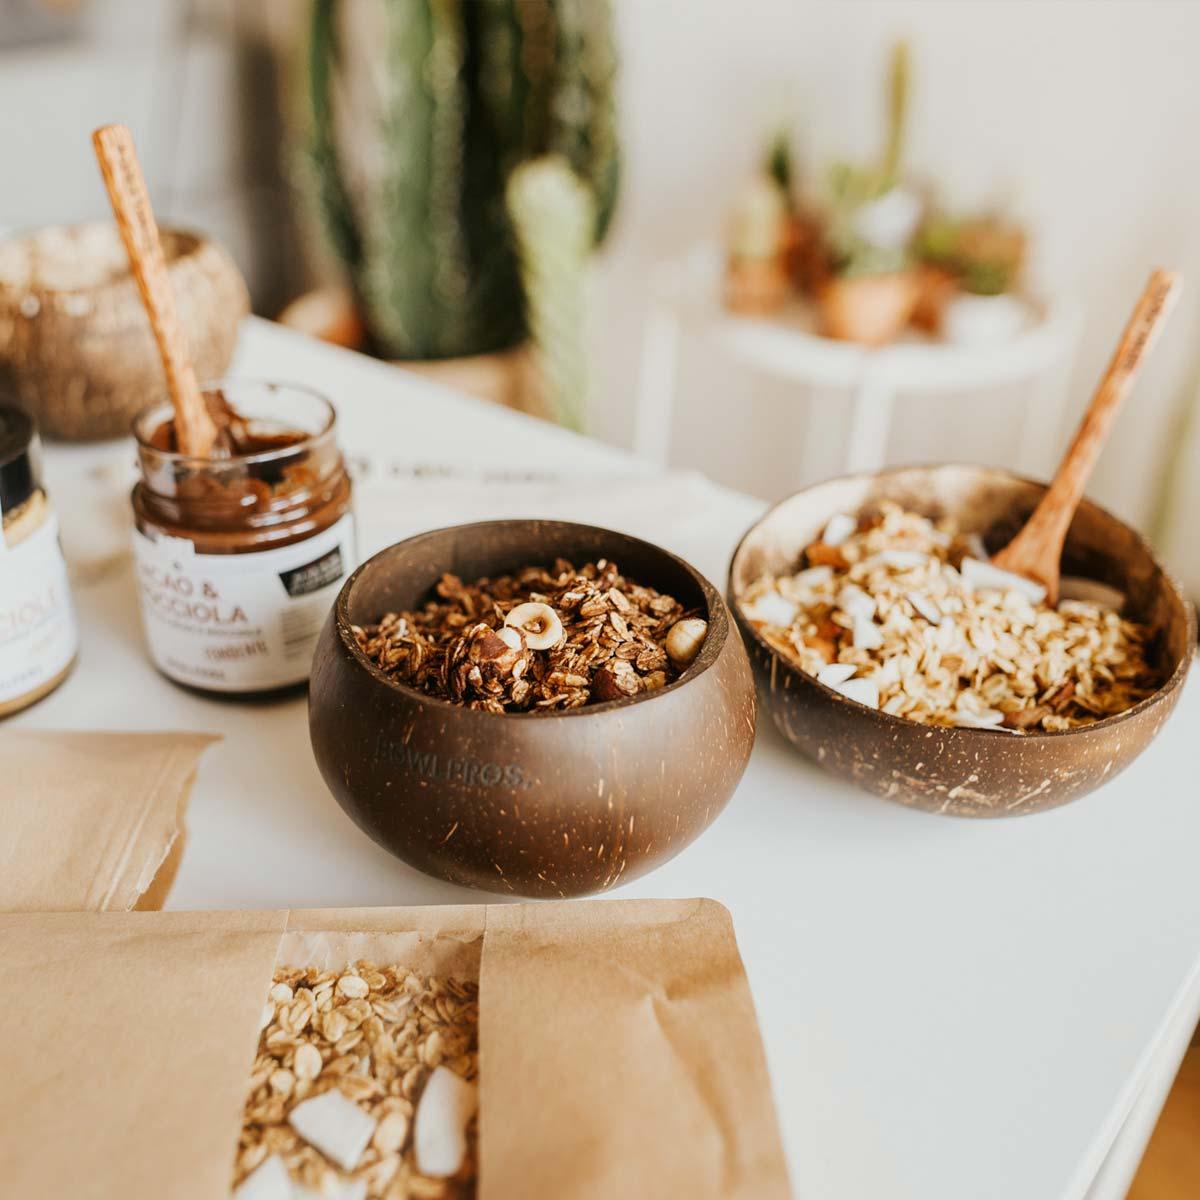 Innovazione, sostenibilità e amore per la natura tropicale: l'eCommerce di Bowlpros arriva in Connecthub